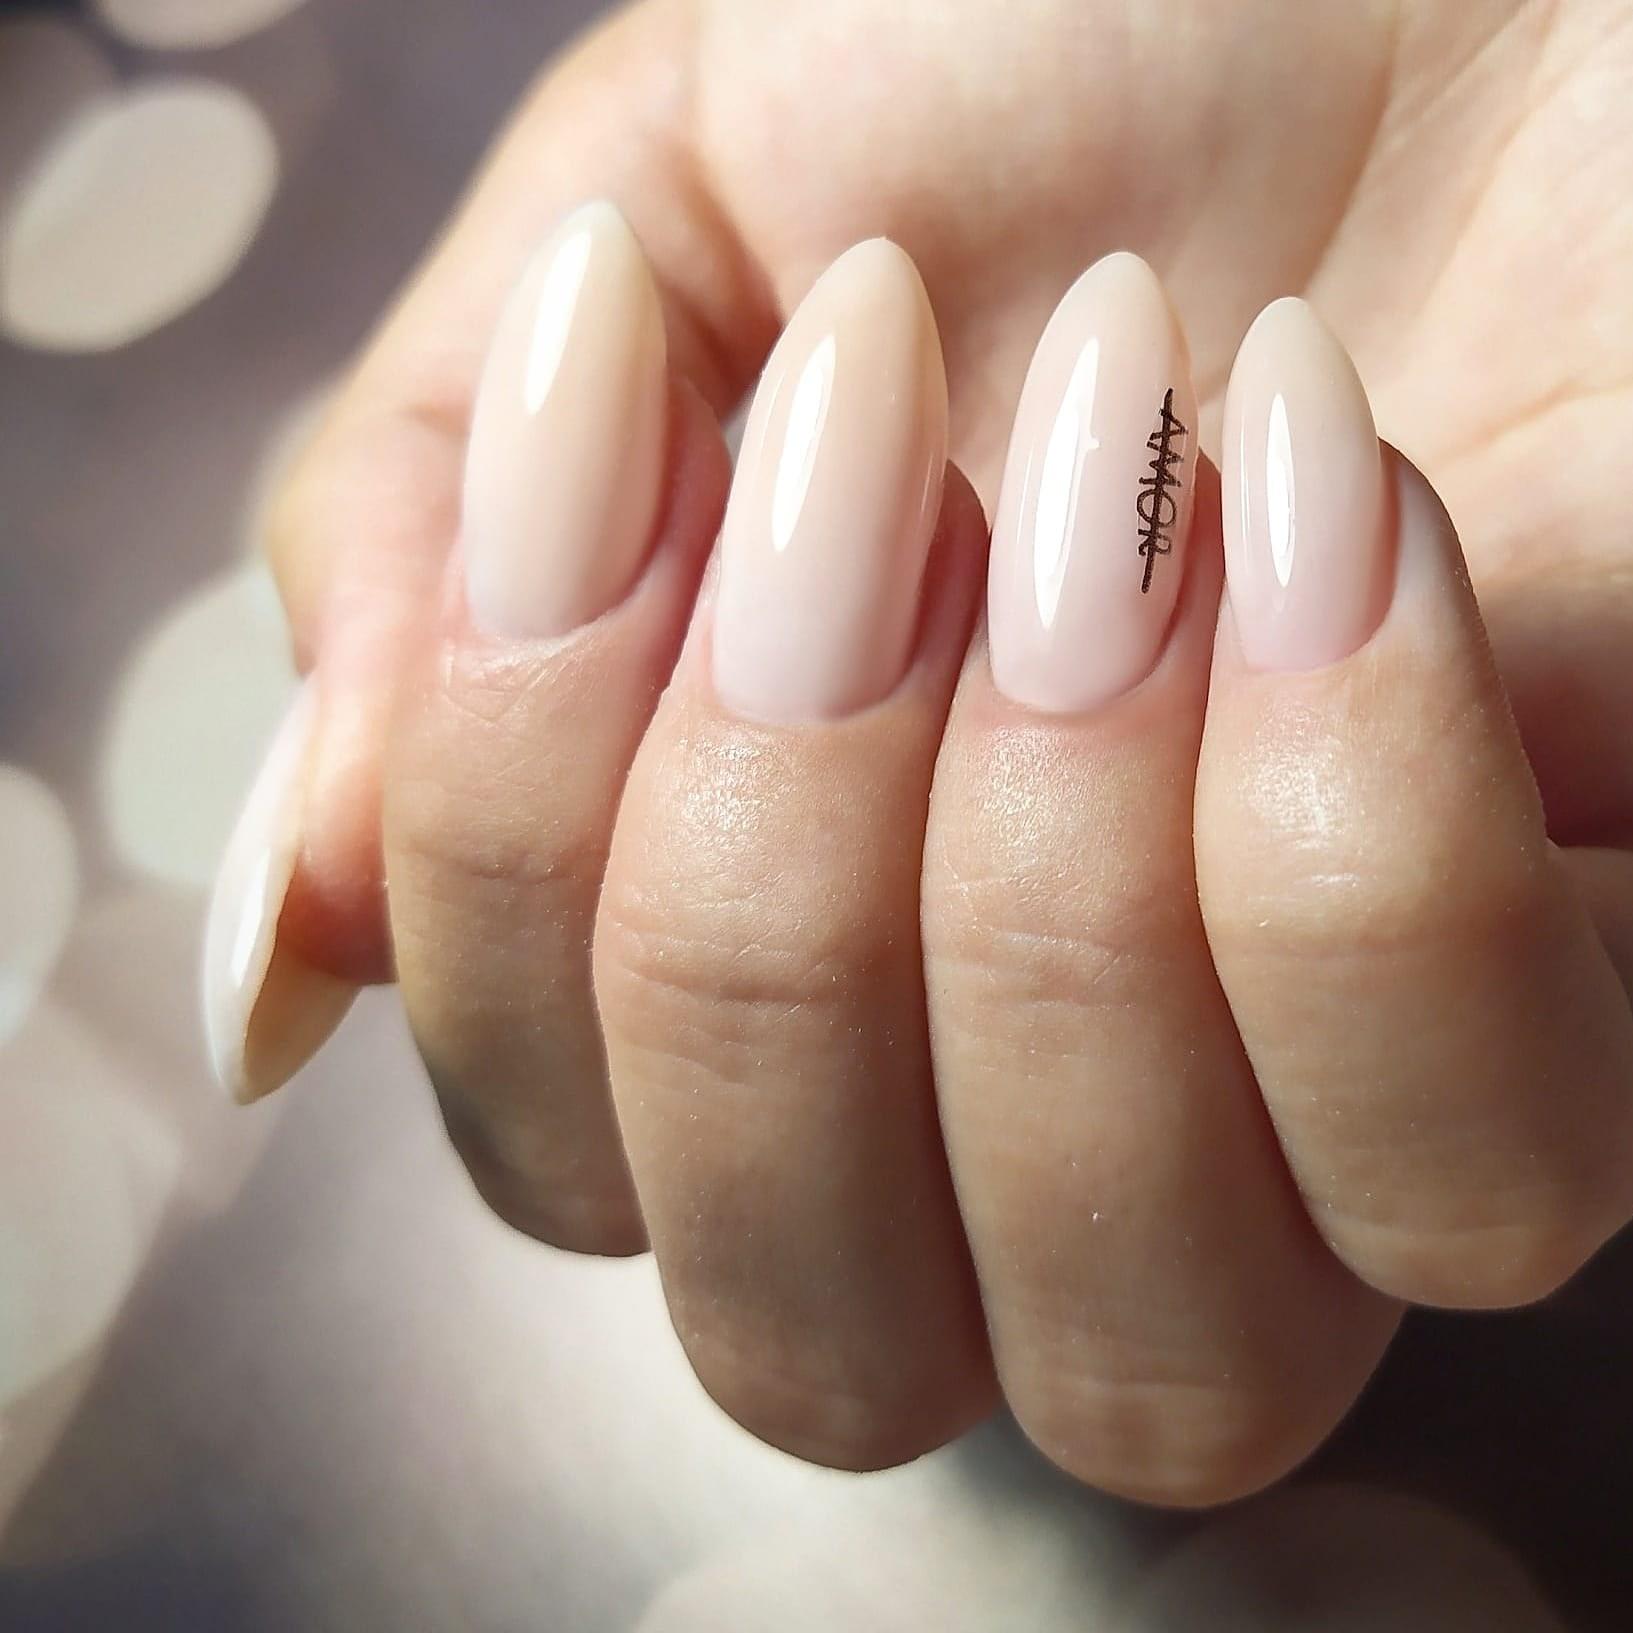 Маникюр с надписями в молочном цвете на длинные ногти.